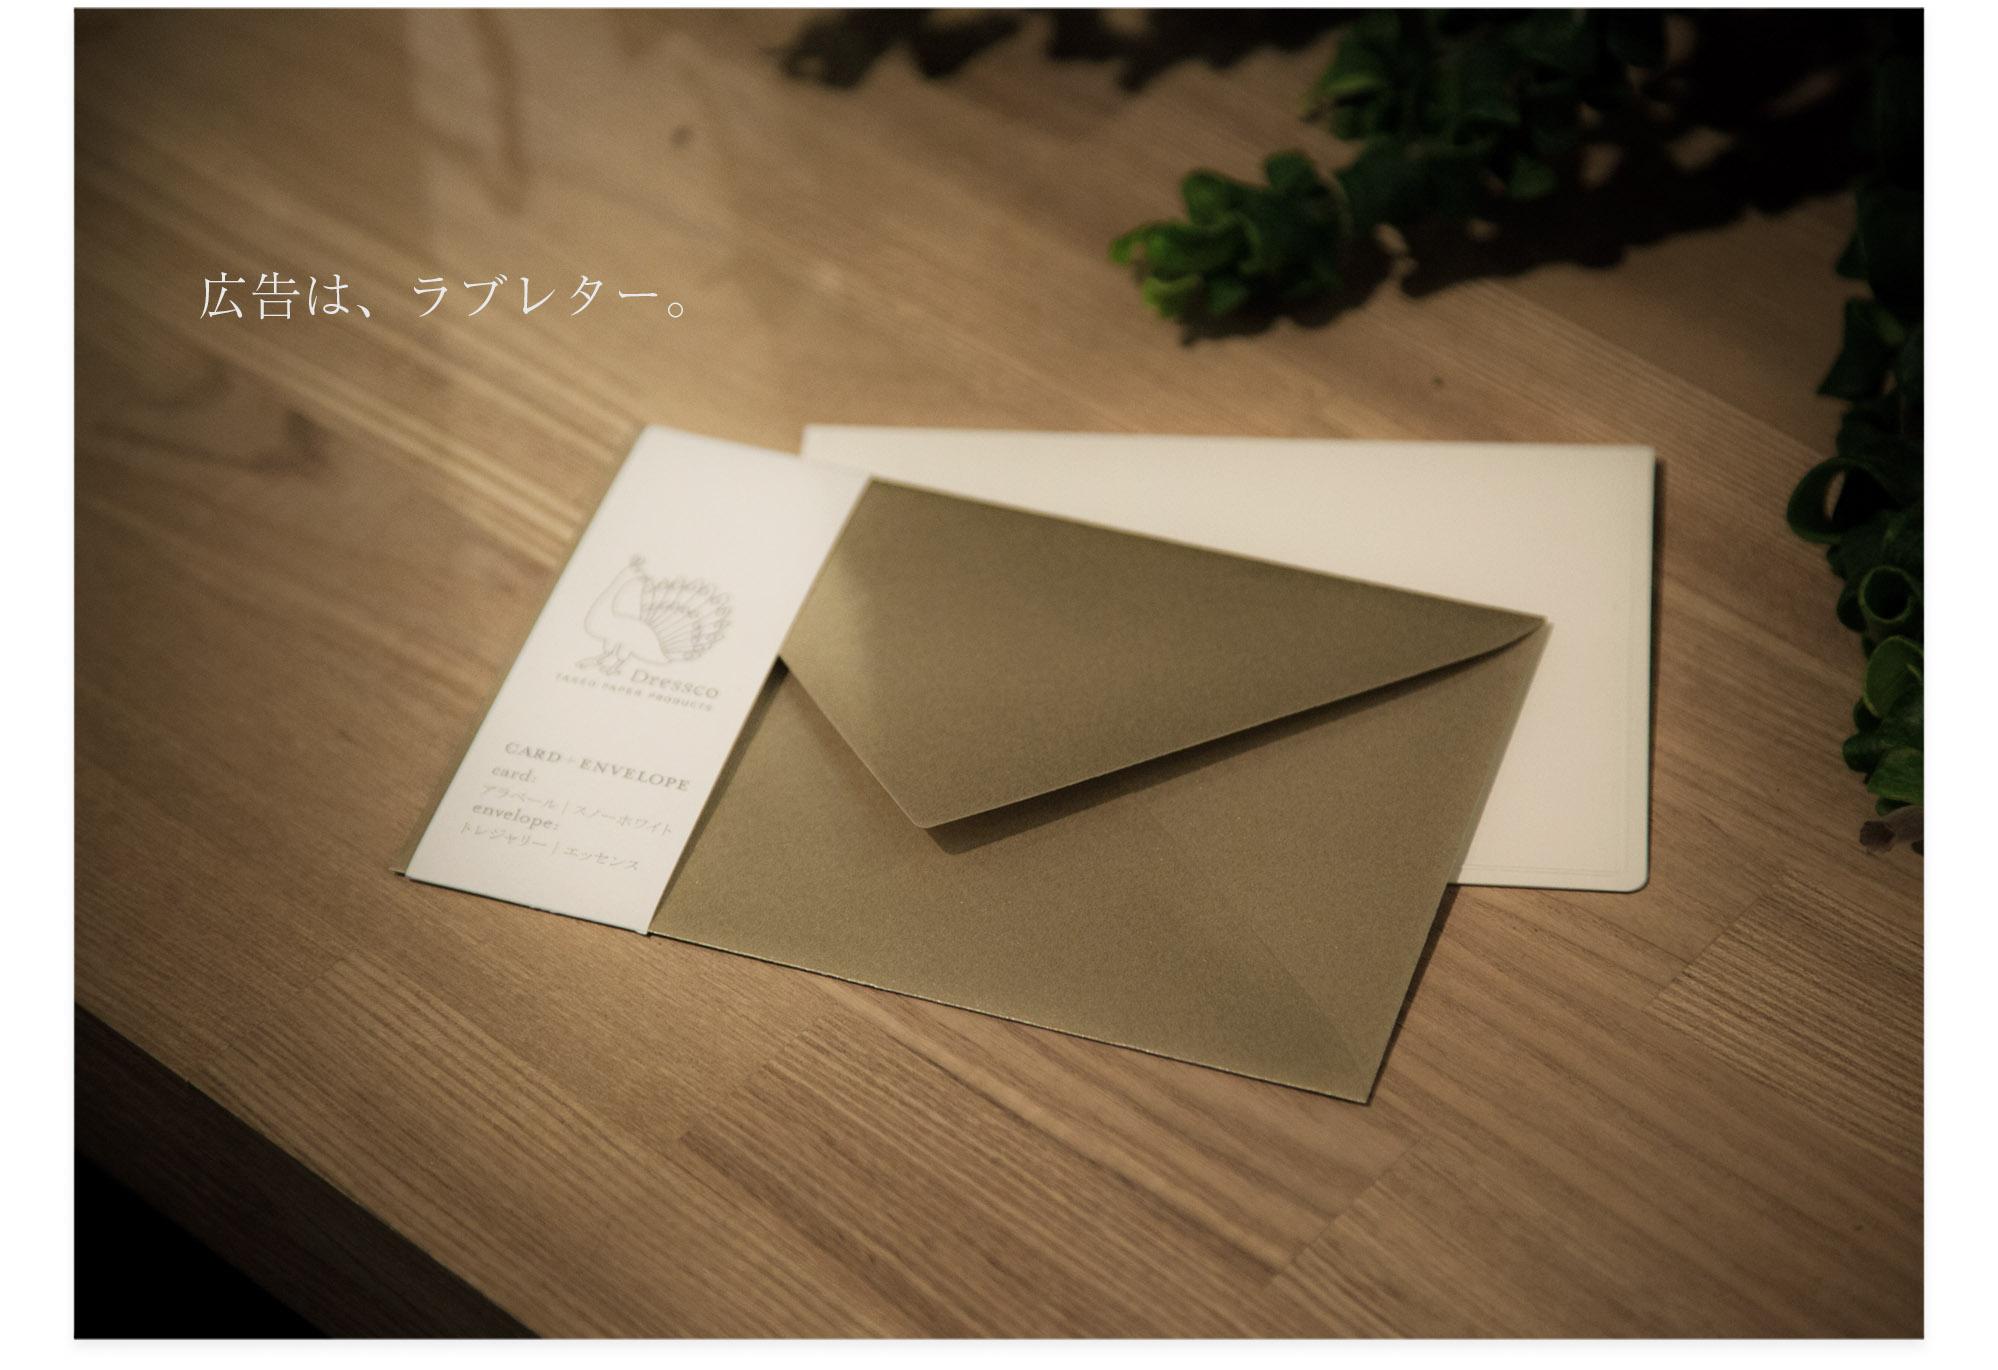 20131222_広告はラブレター